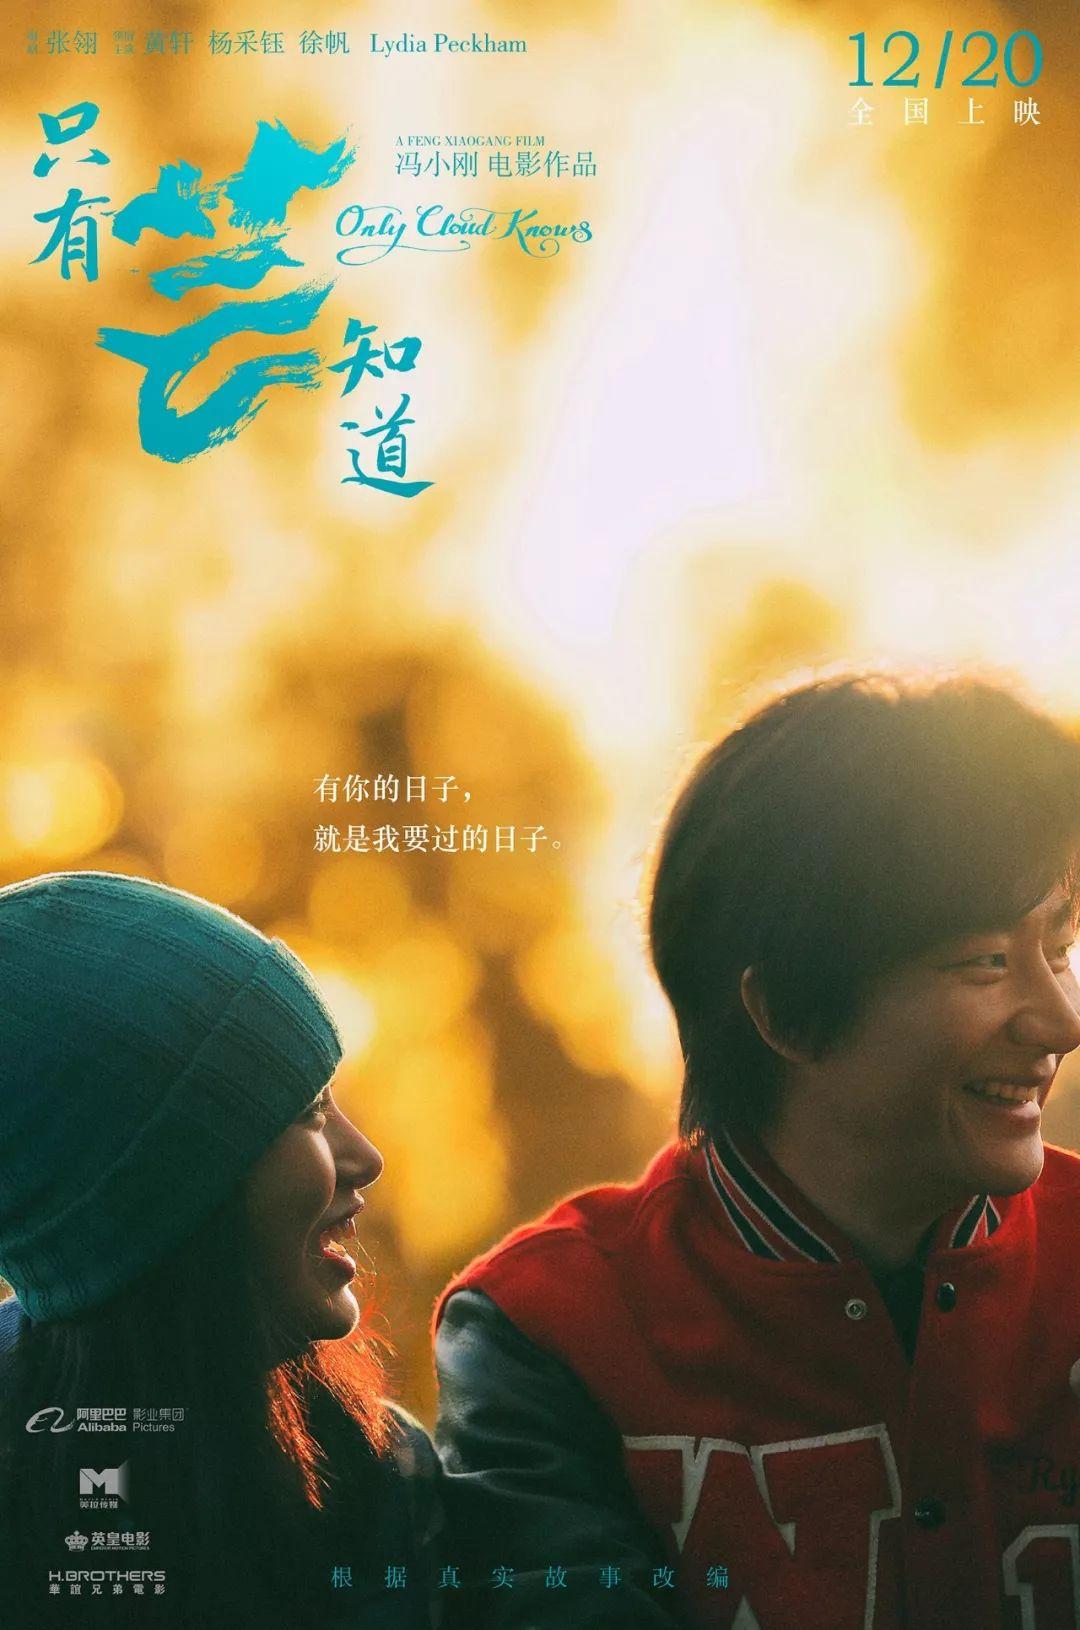 这部贺岁档电影,不像冯小刚拍的,更不像中国导演拍的…